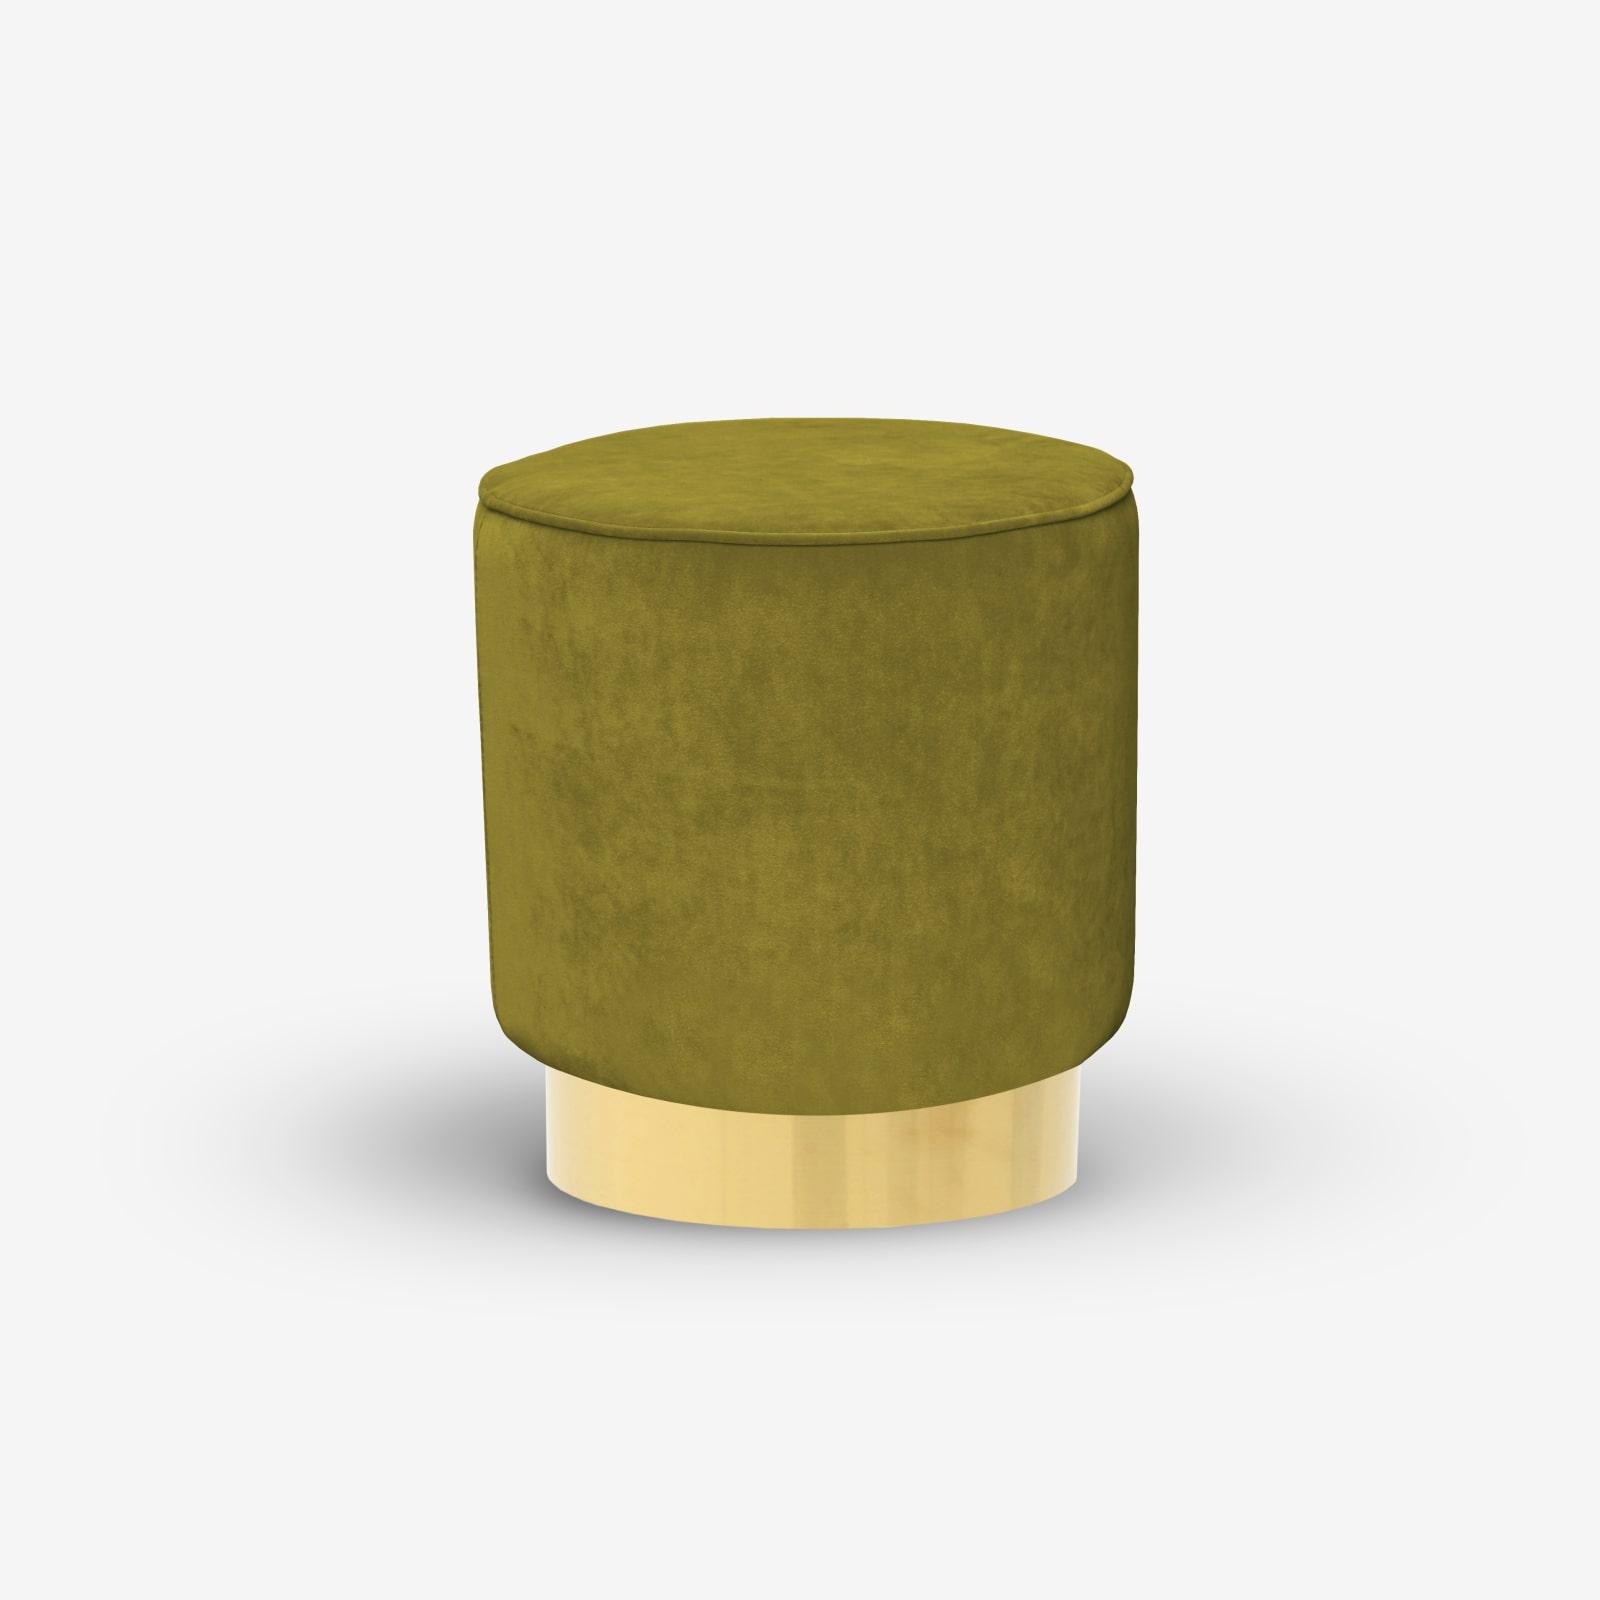 produzione-pouf-in-velluto-liscio-e-oro-pouf-in-metallo-oro-pouf-in-velluto-per-arredamento-contract-pouf-per-ristoranti-pouf-arredamento-bar-alberghi-negozi-uffici-OTTO-vol